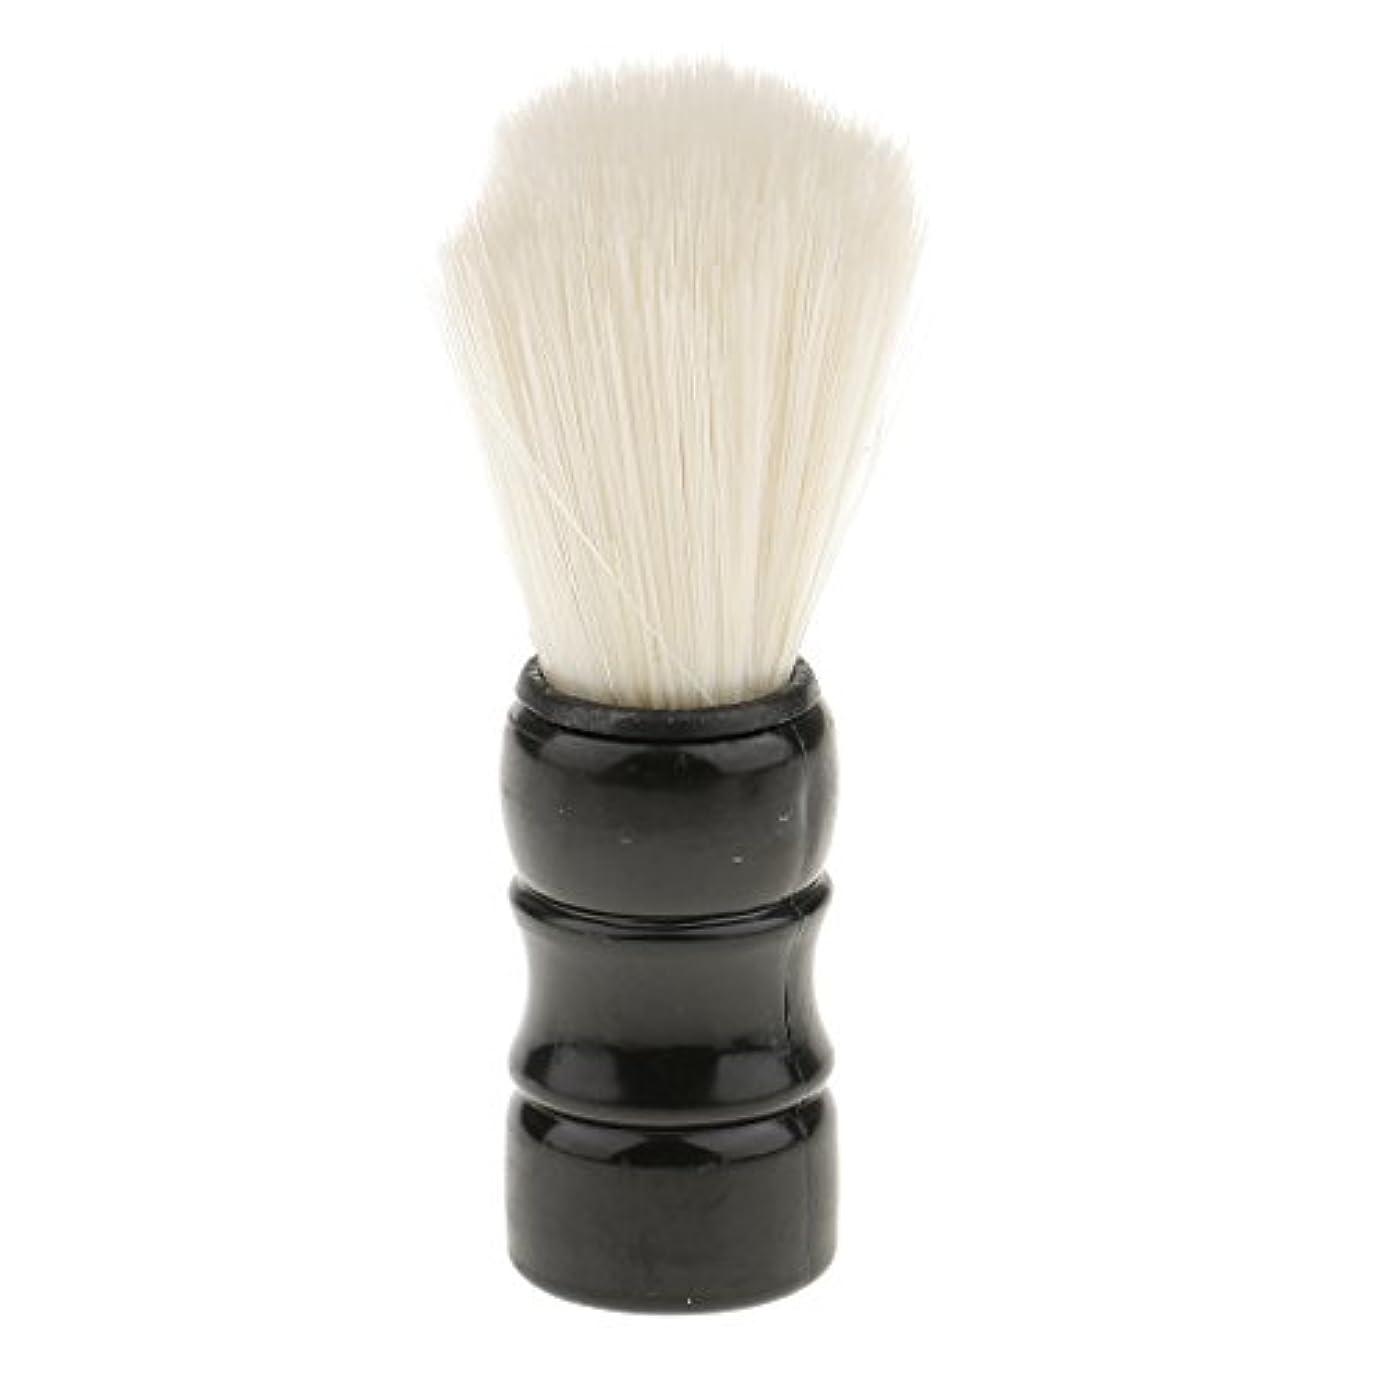 挑発する英語の授業があります遊び場Hellery シェービングブラシ 男性 口ひげ トリミング ナイロンブラシ シェービングツール 髭剃り 全2色 - ブラック